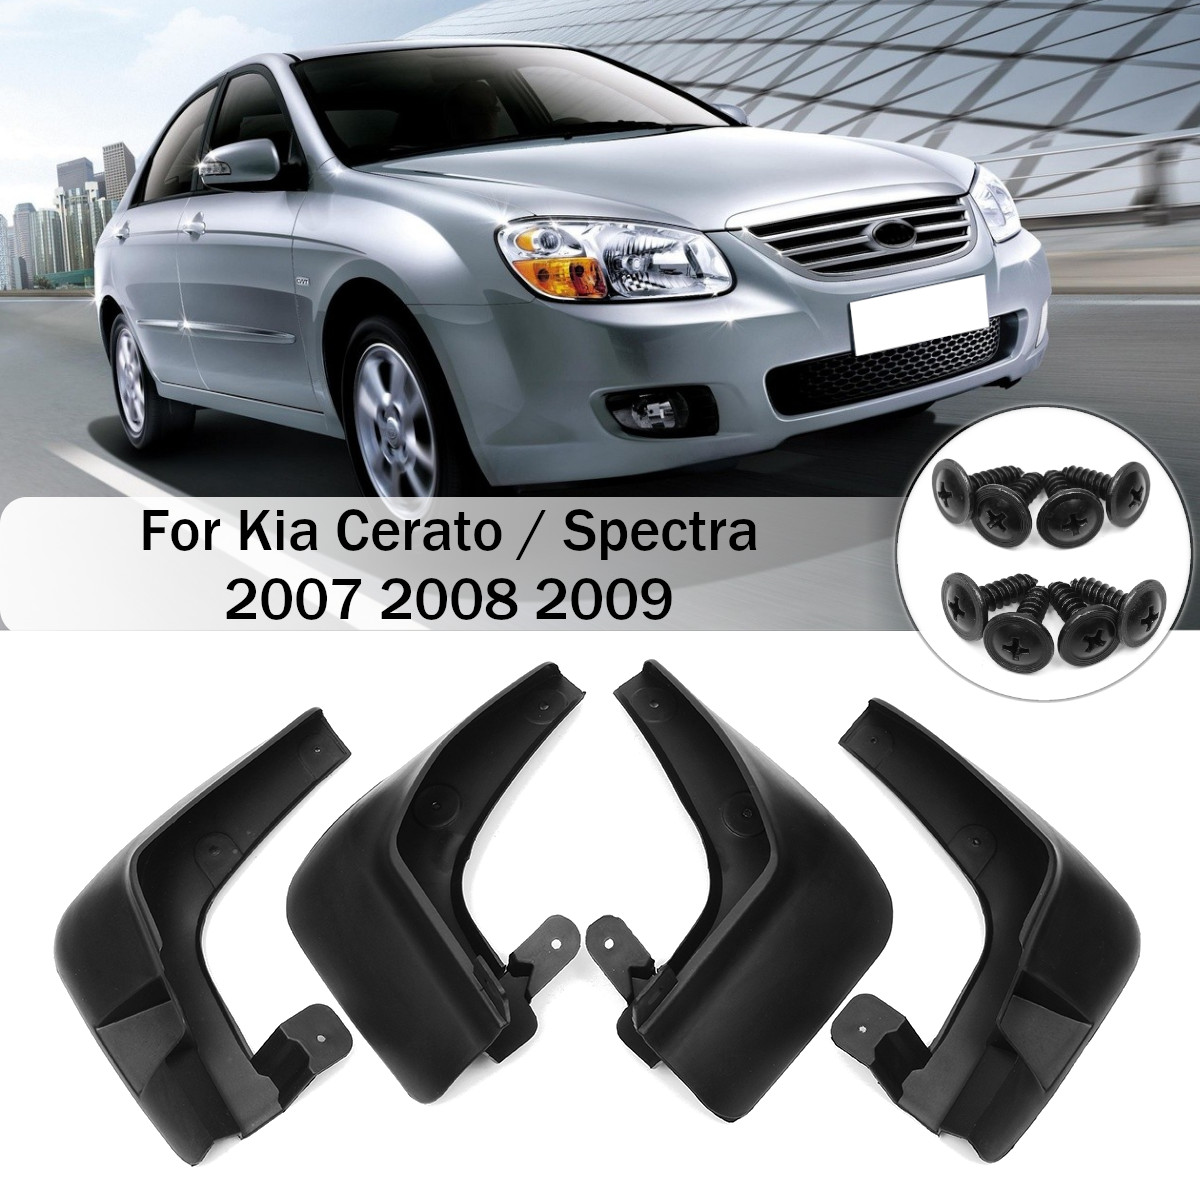 4 Uds guardabarros de coche delantero luces de guardabarros trasero protectores contra salpicaduras para Kia Cerato/Spectra 2007 2008 2009 guardabarros